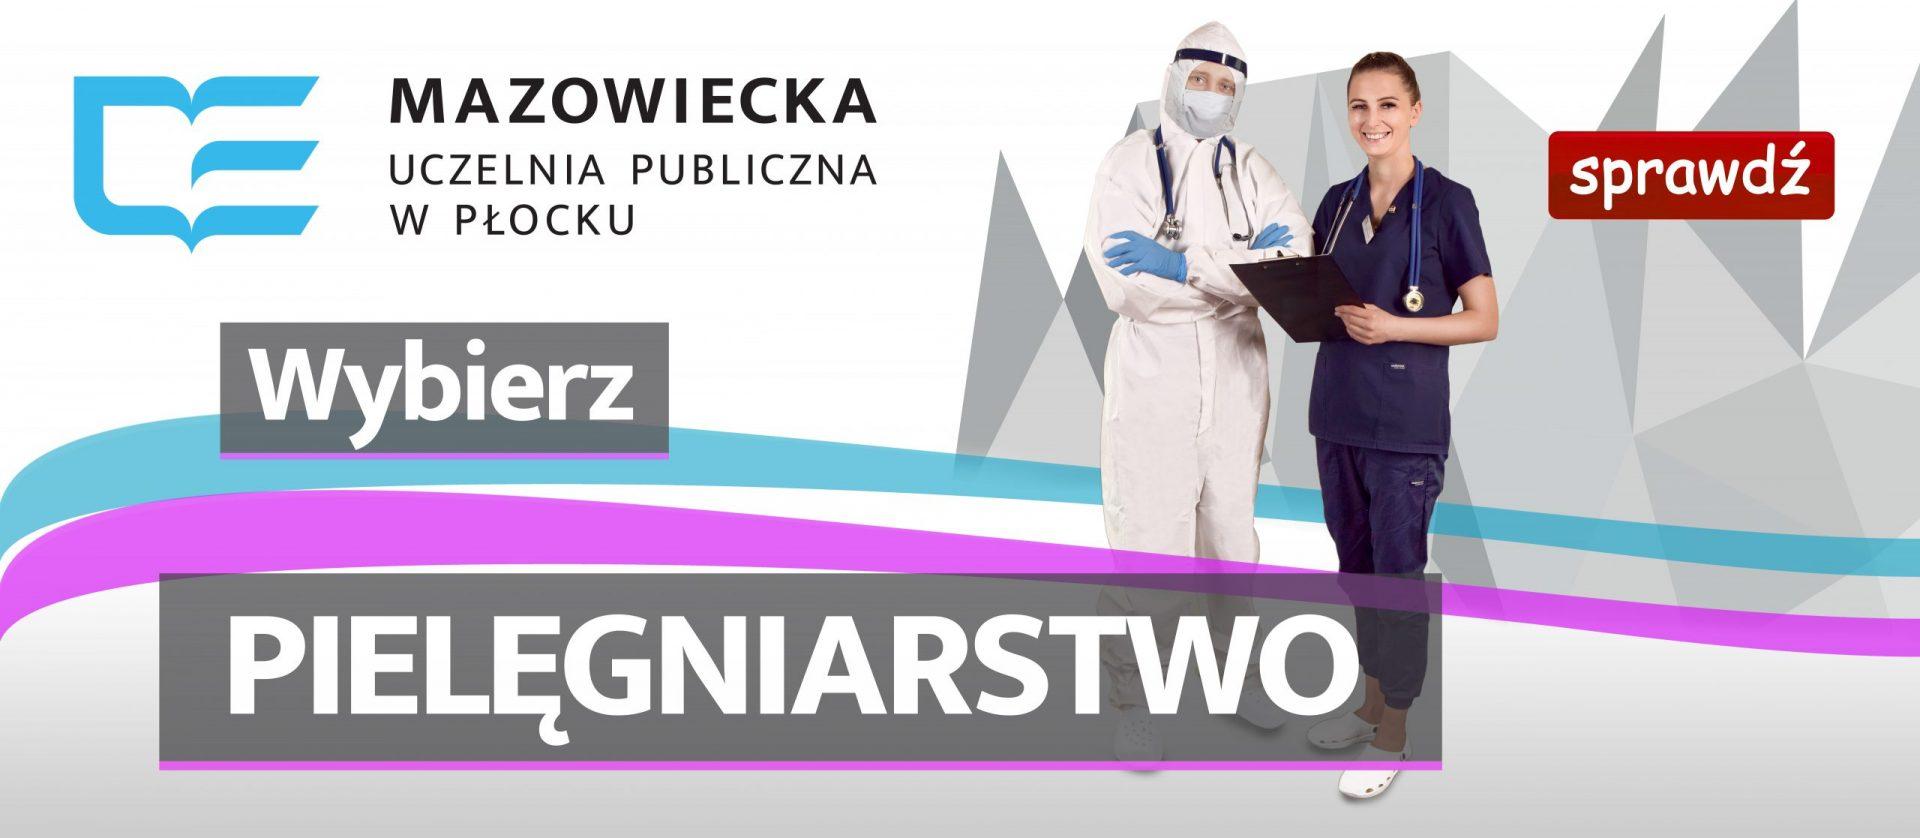 Banner reklamujący pielęgniarstwo